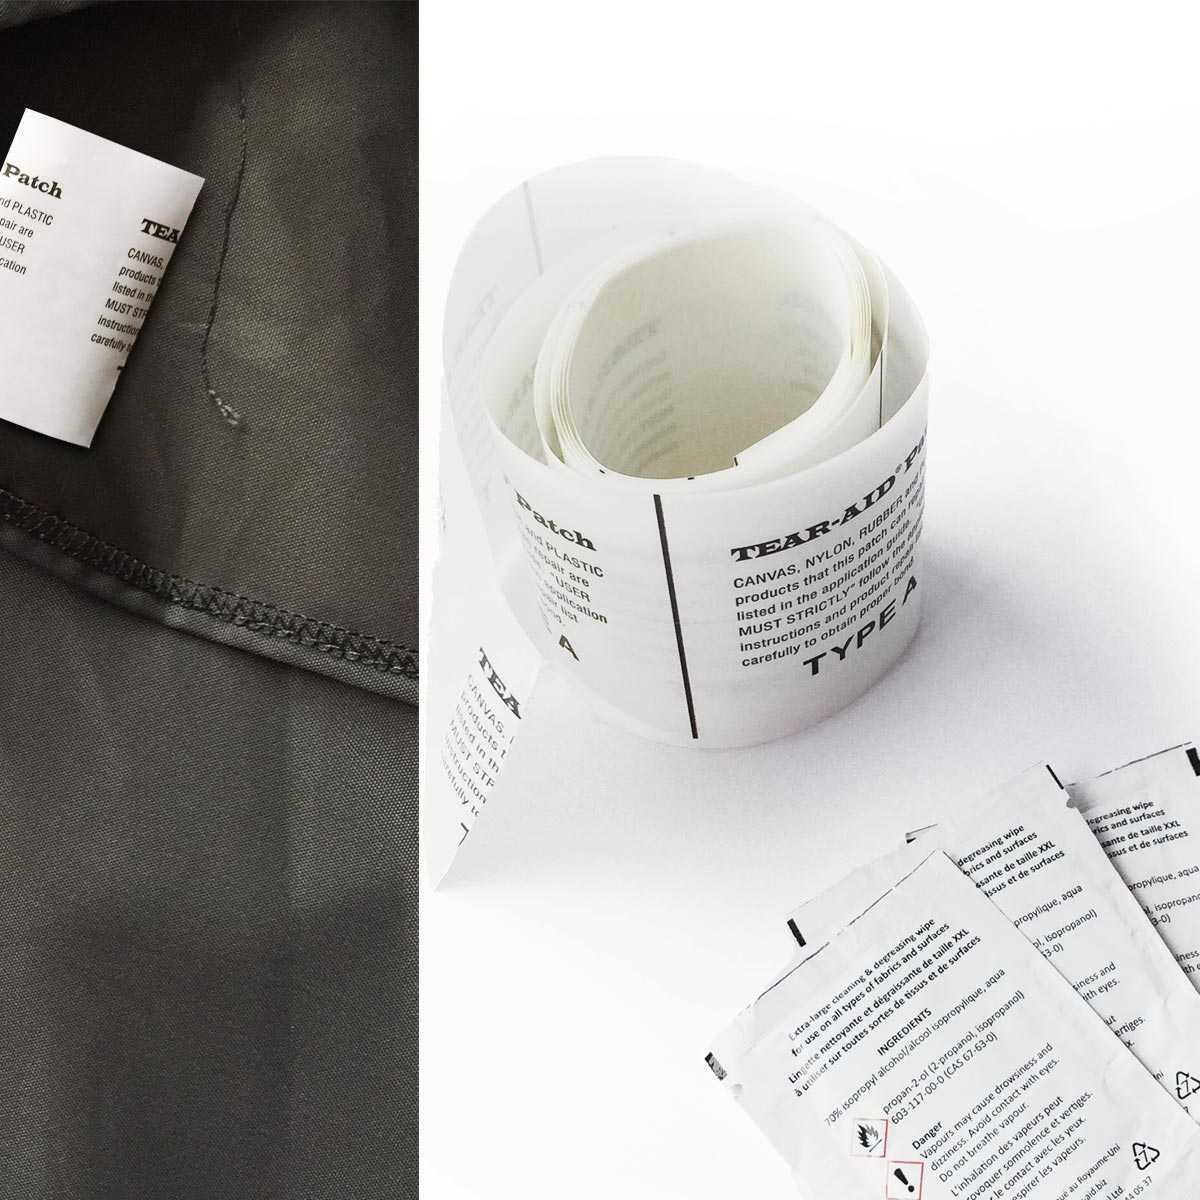 Patch adhésif de réparation pour bâche et toile - Rouleau 1m50